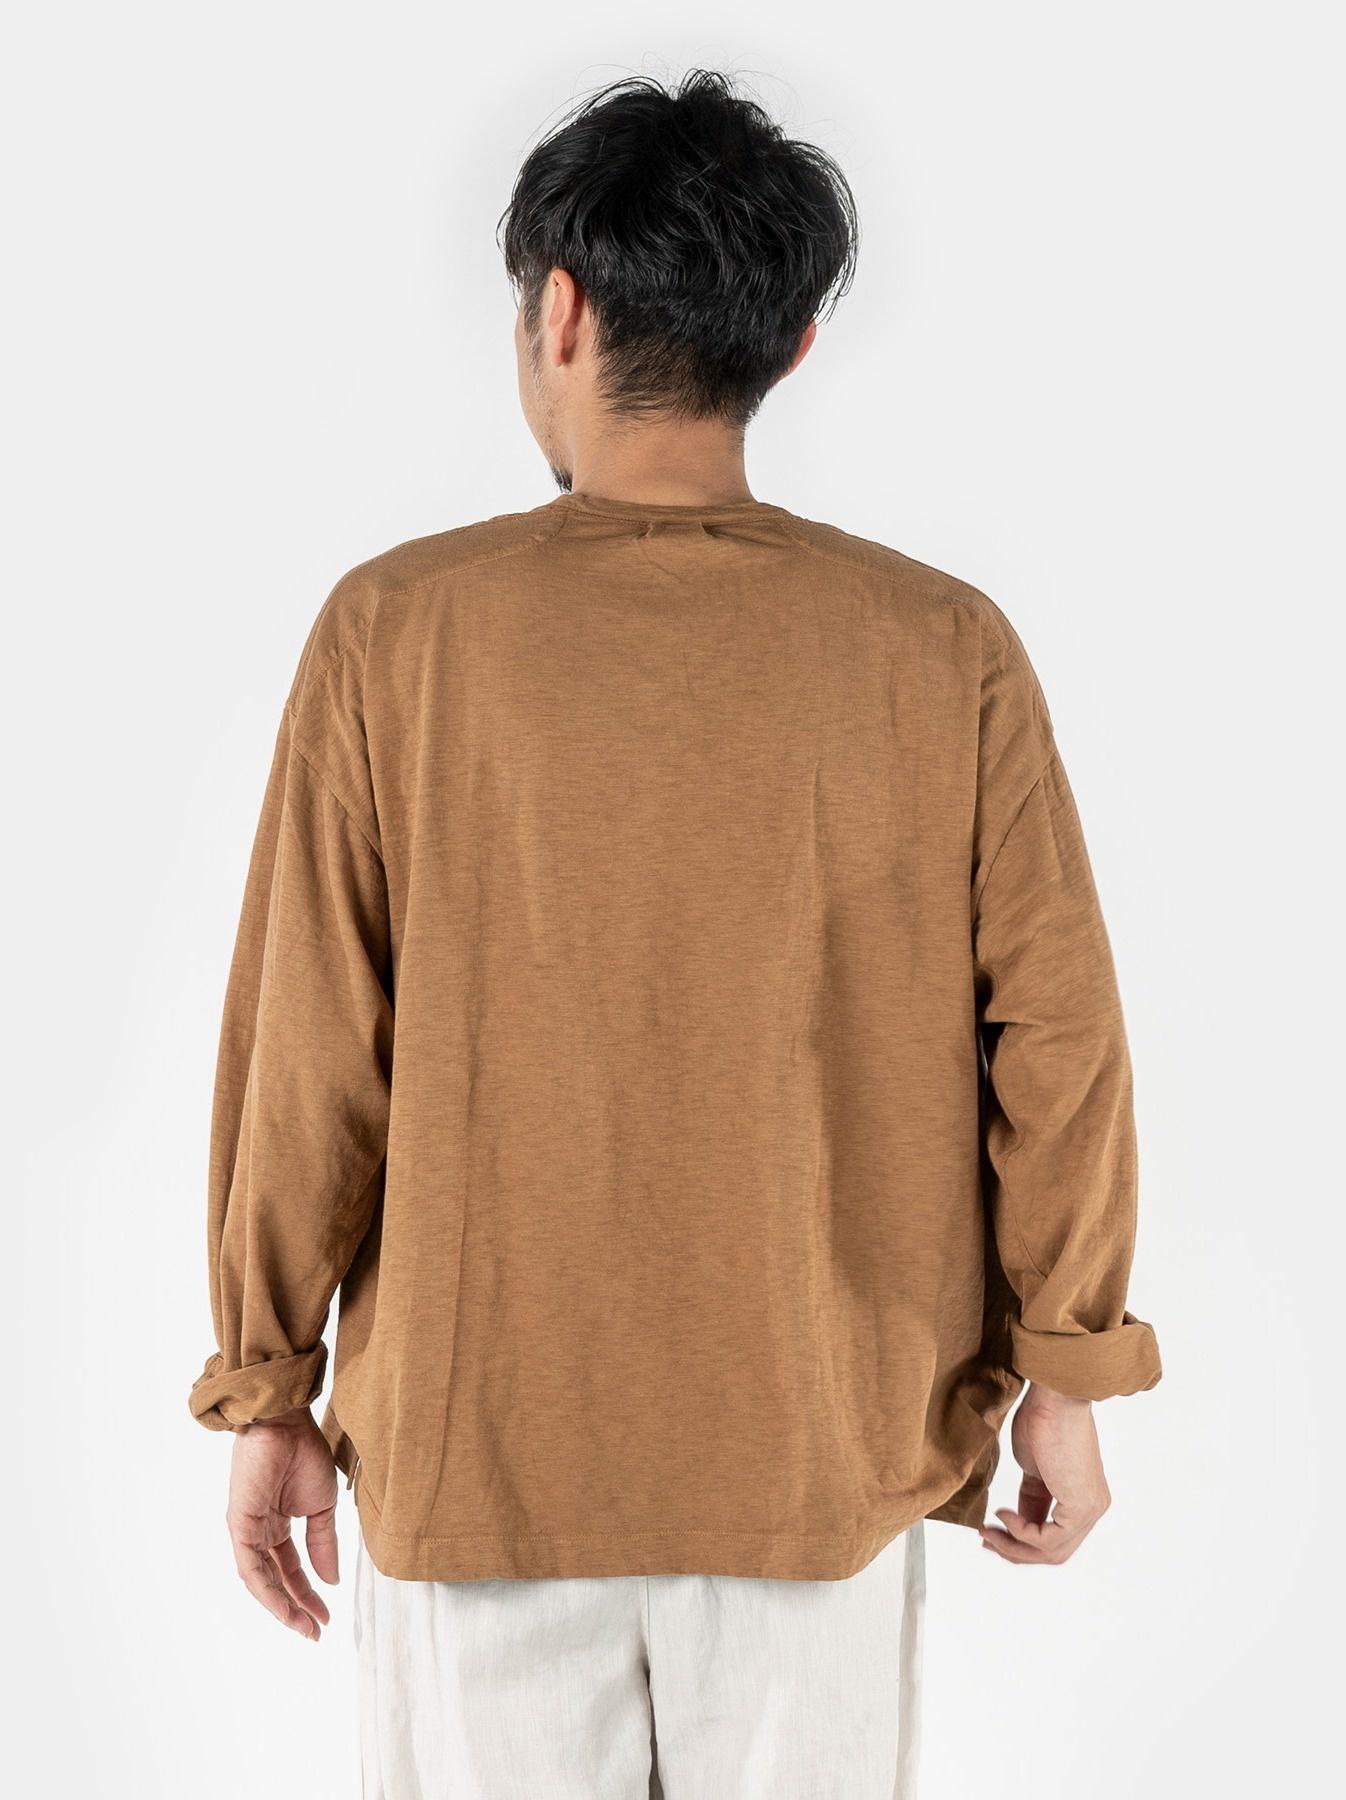 WH Tenjiku Stand Pullover Shirt-5